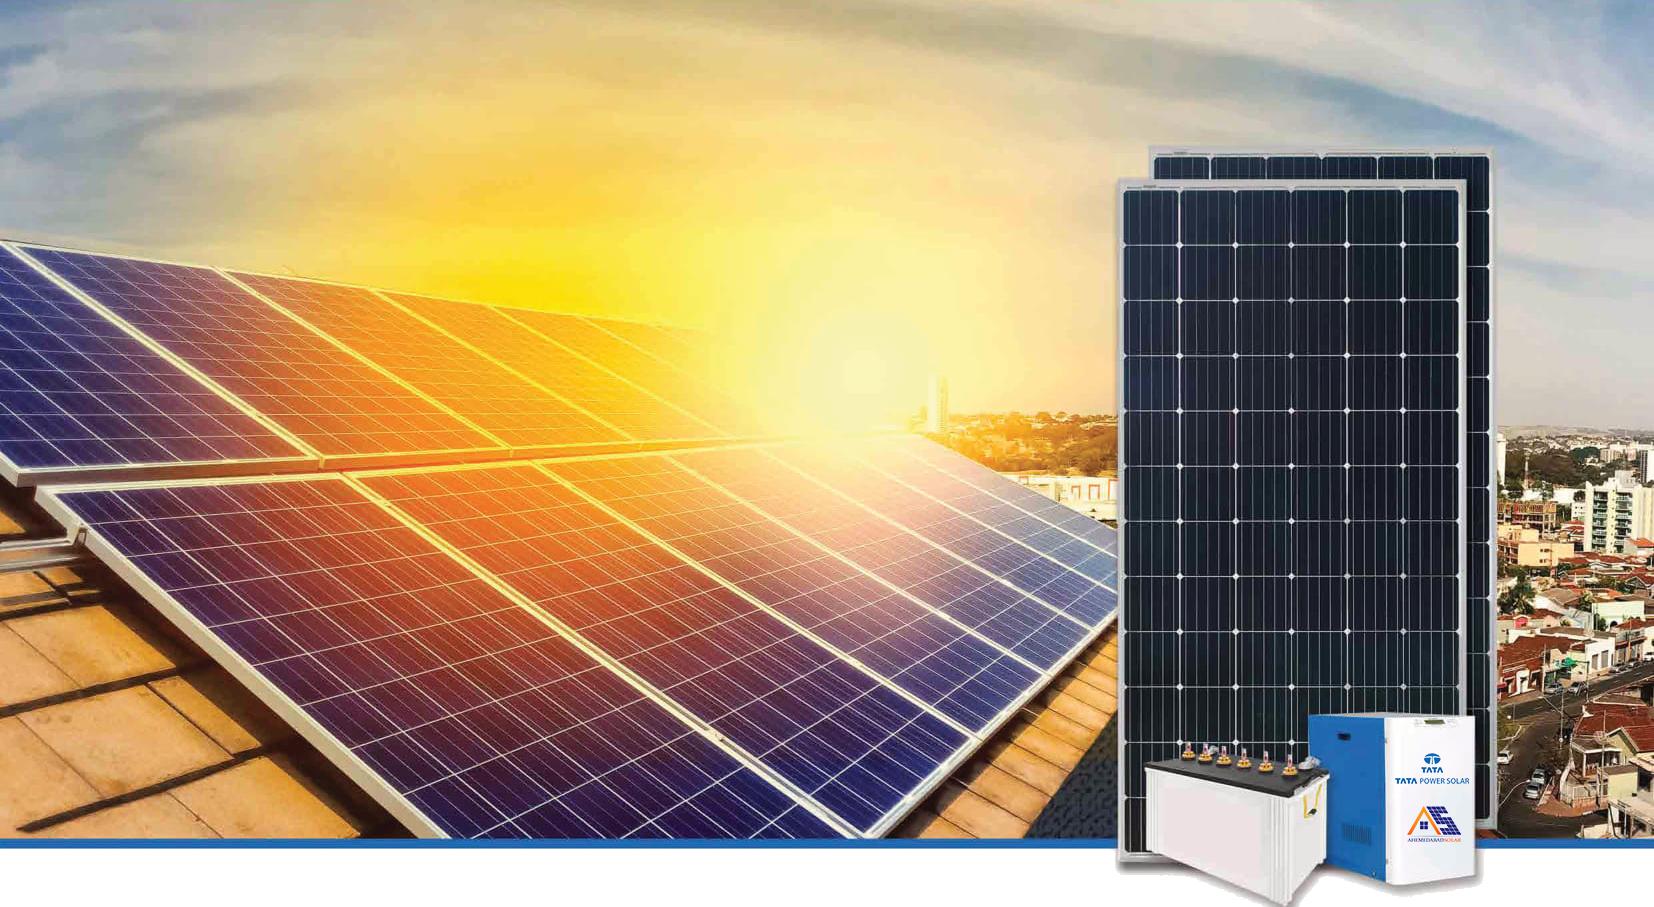 Ahmedabad Solar Off Grid Solar System